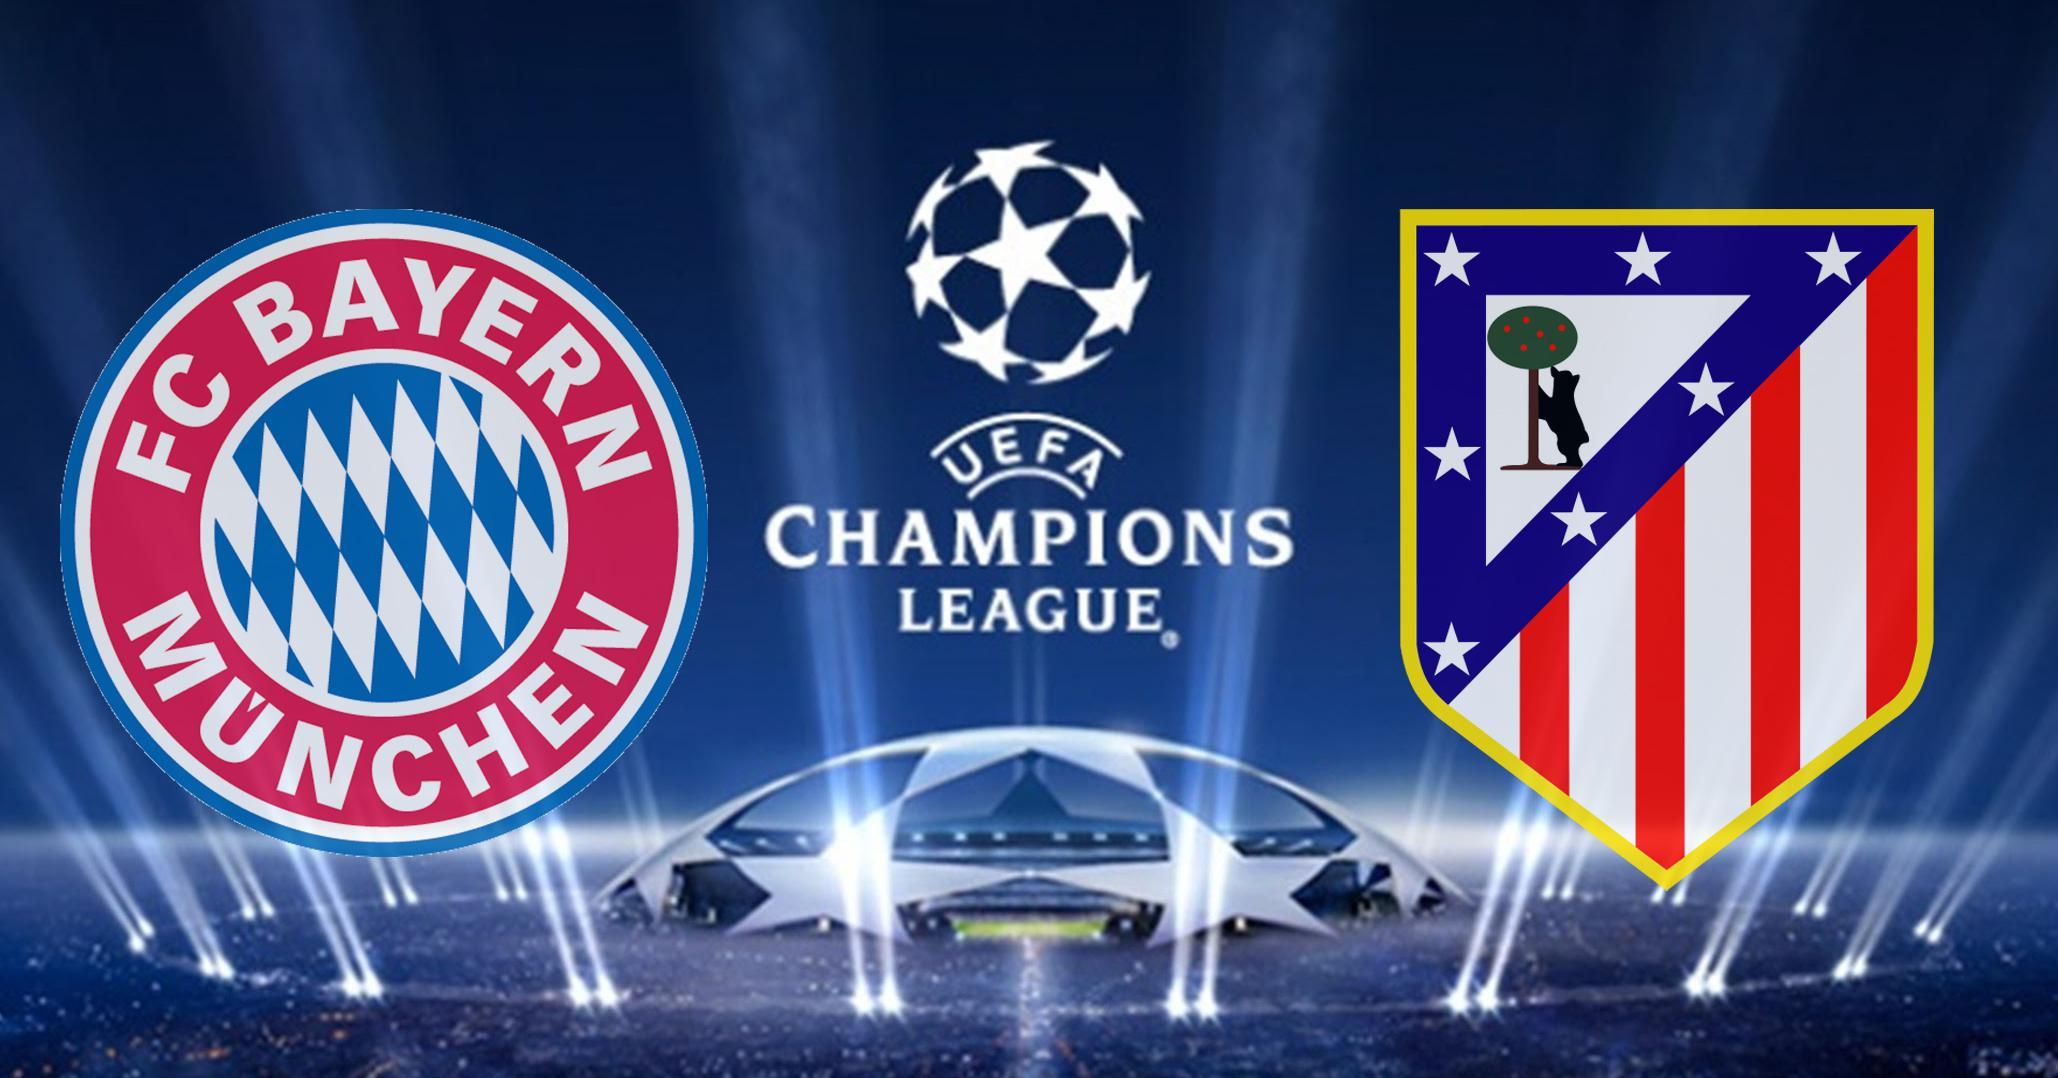 ver online el Bayern de Munich vs Atlético de Madrid